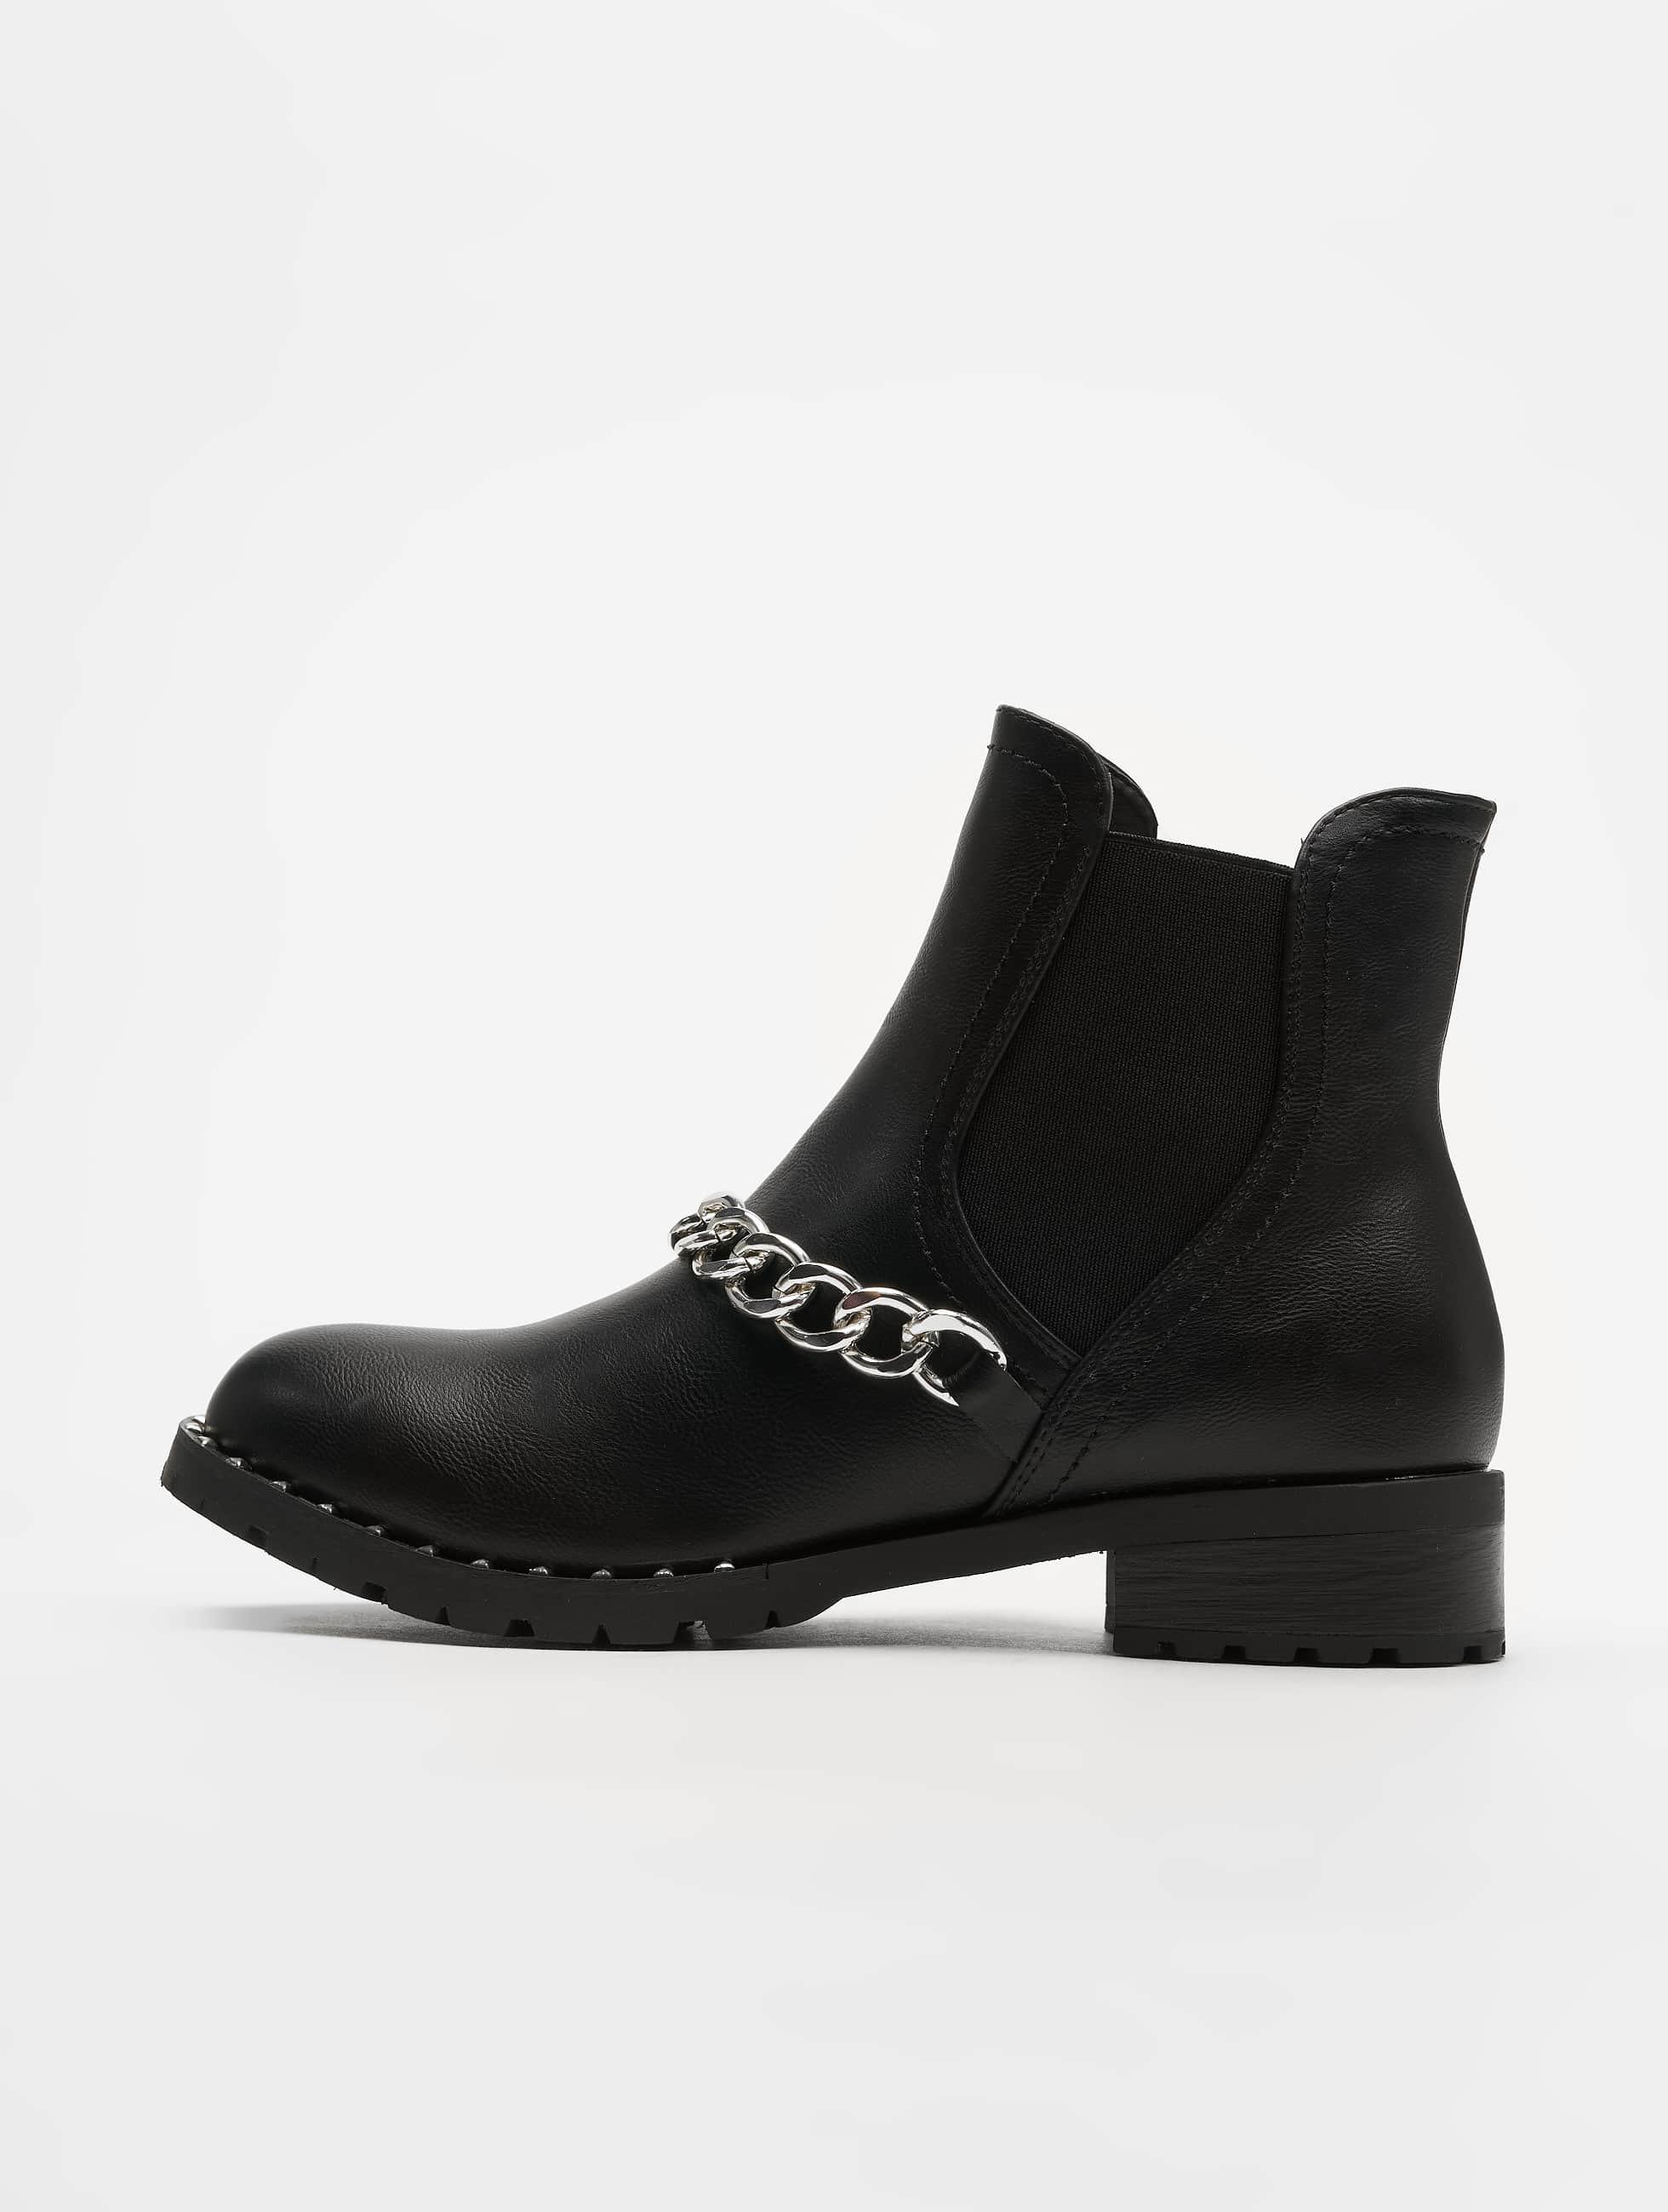 Fashion Montantes Fb Fb Boots Fashion FemmeMarro Rj435qAL